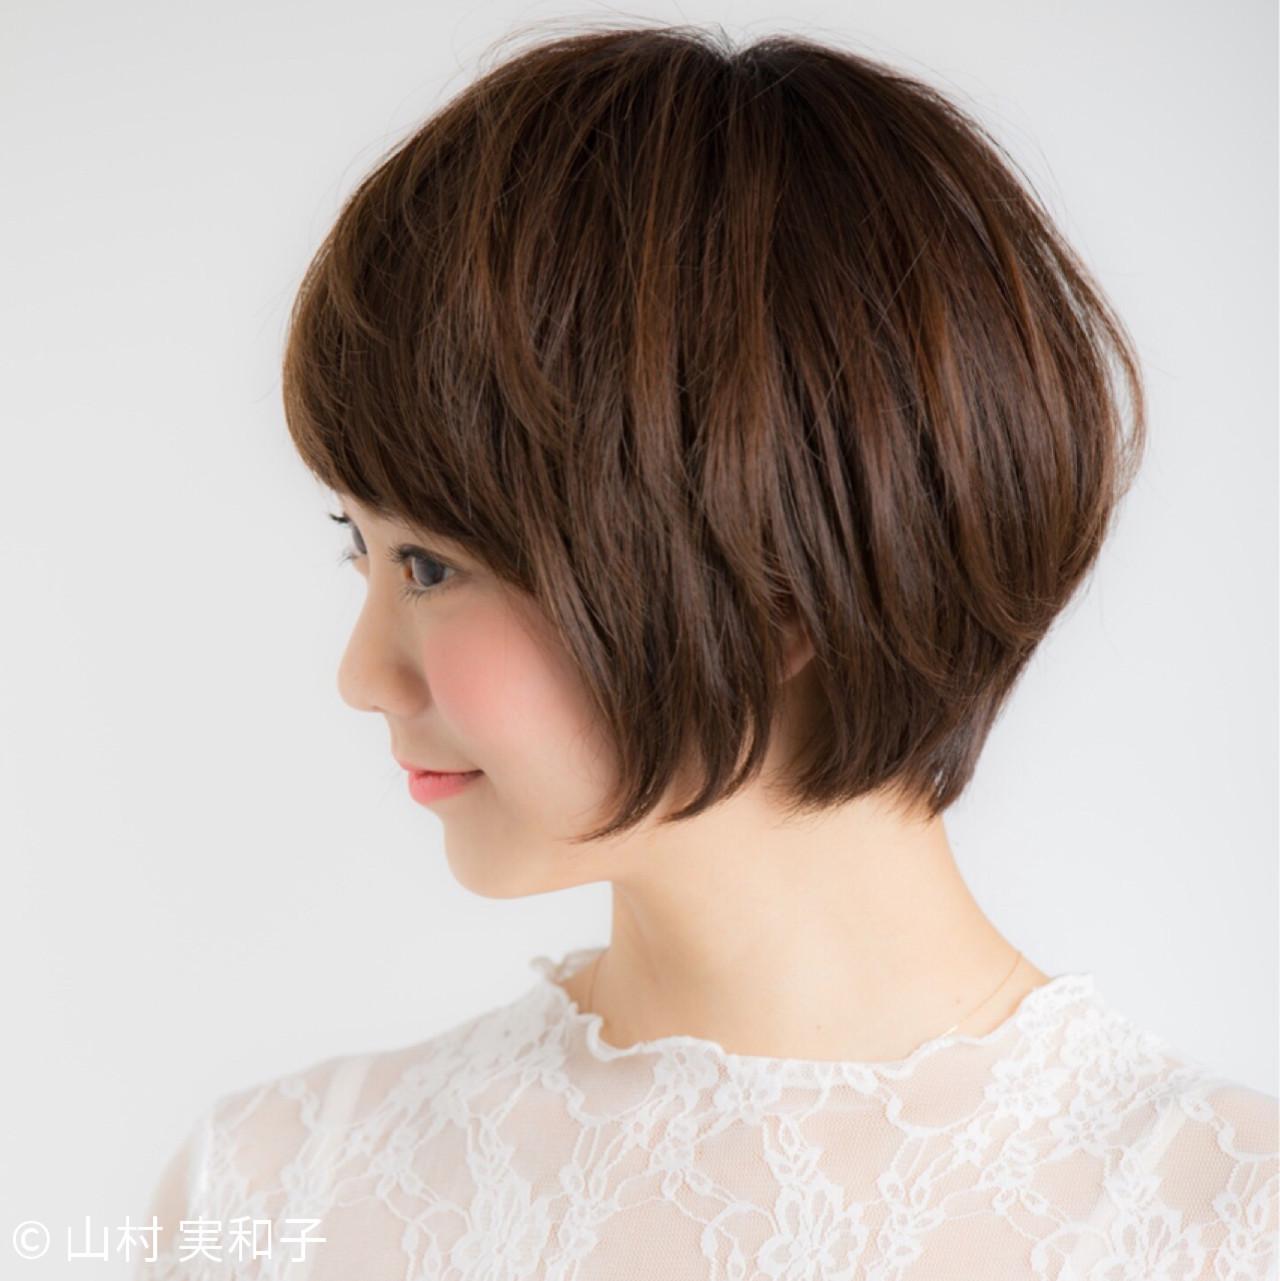 丸いフォルムの優しい雰囲気ショートヘア♡ 山村 実和子✂️ Euphoria渋谷グランデ